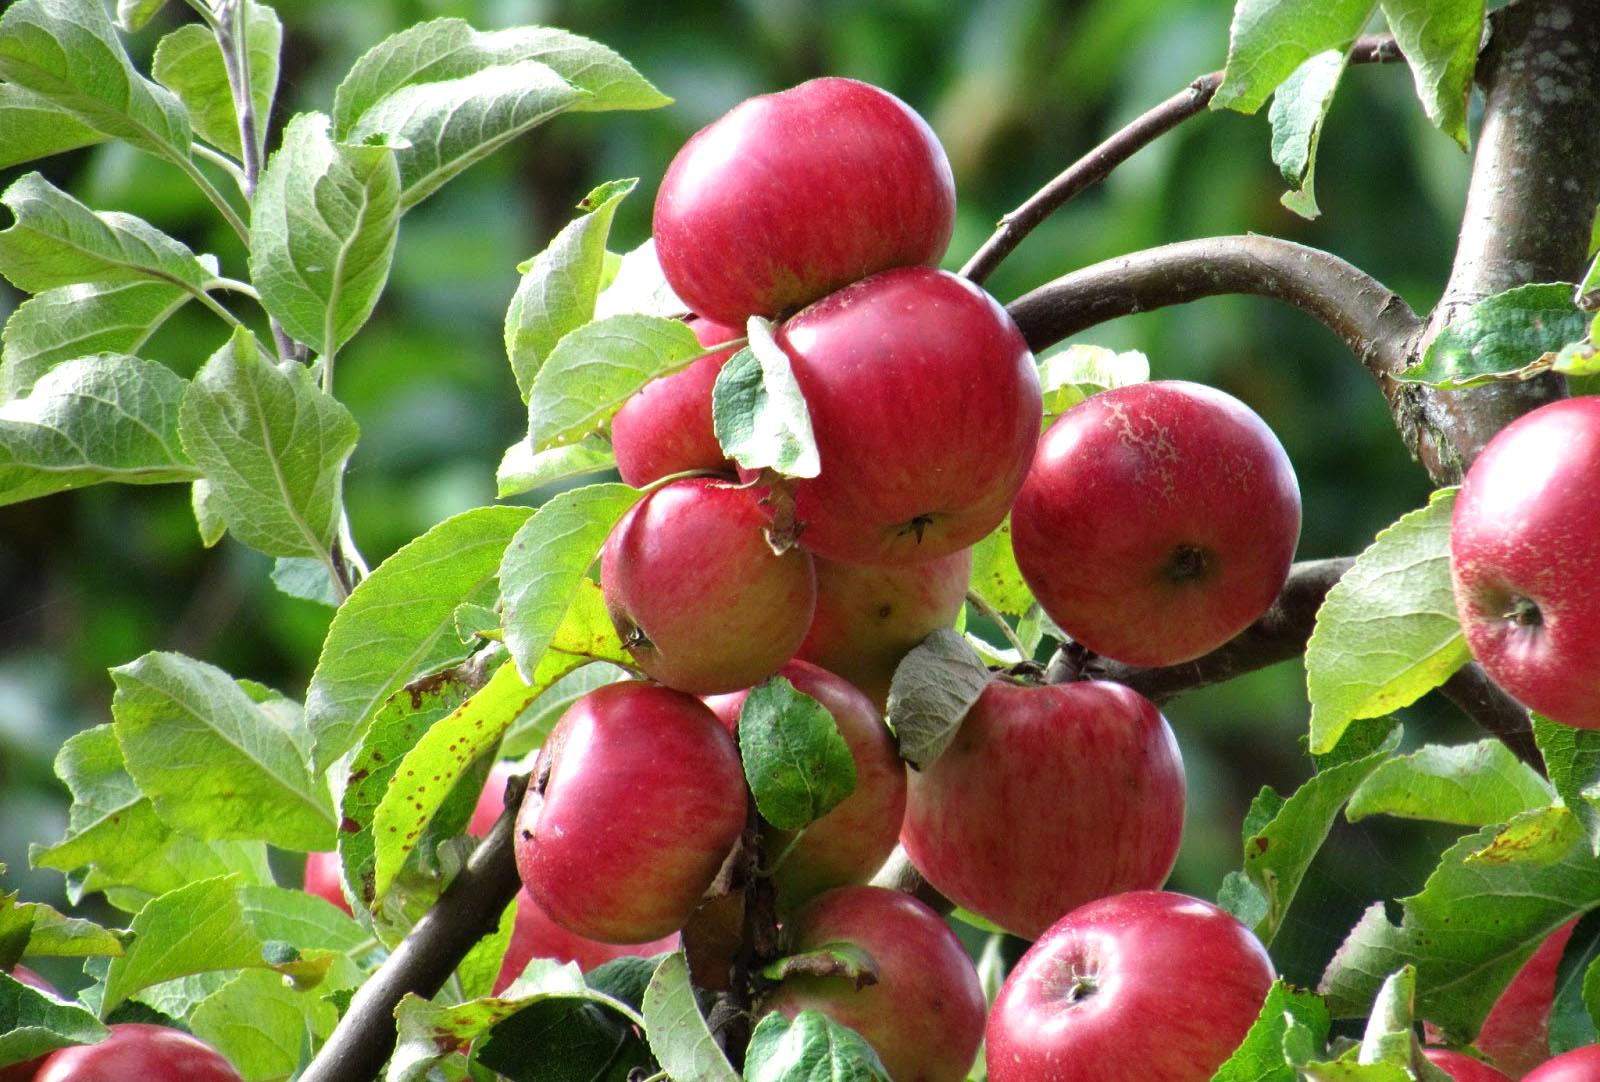 20 Manfaat dan Khasiat Jus Apel Hijau untuk Kesehatan